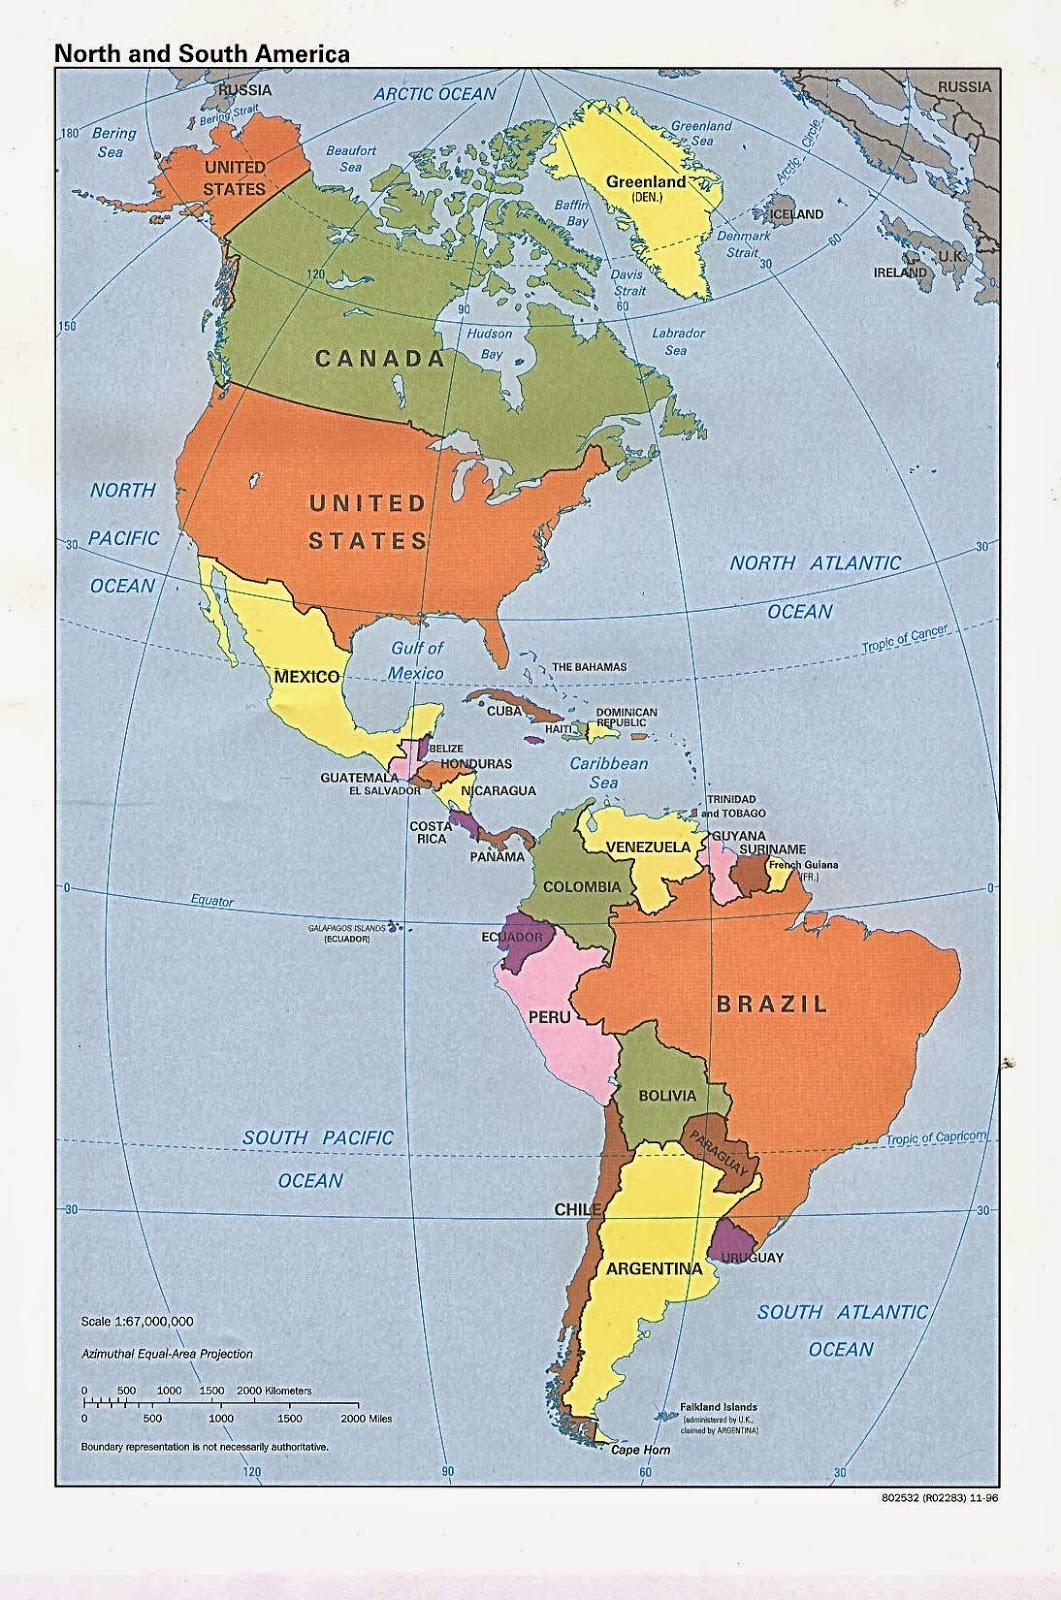 ENTENDER LA SOCIEDAD El continente americano